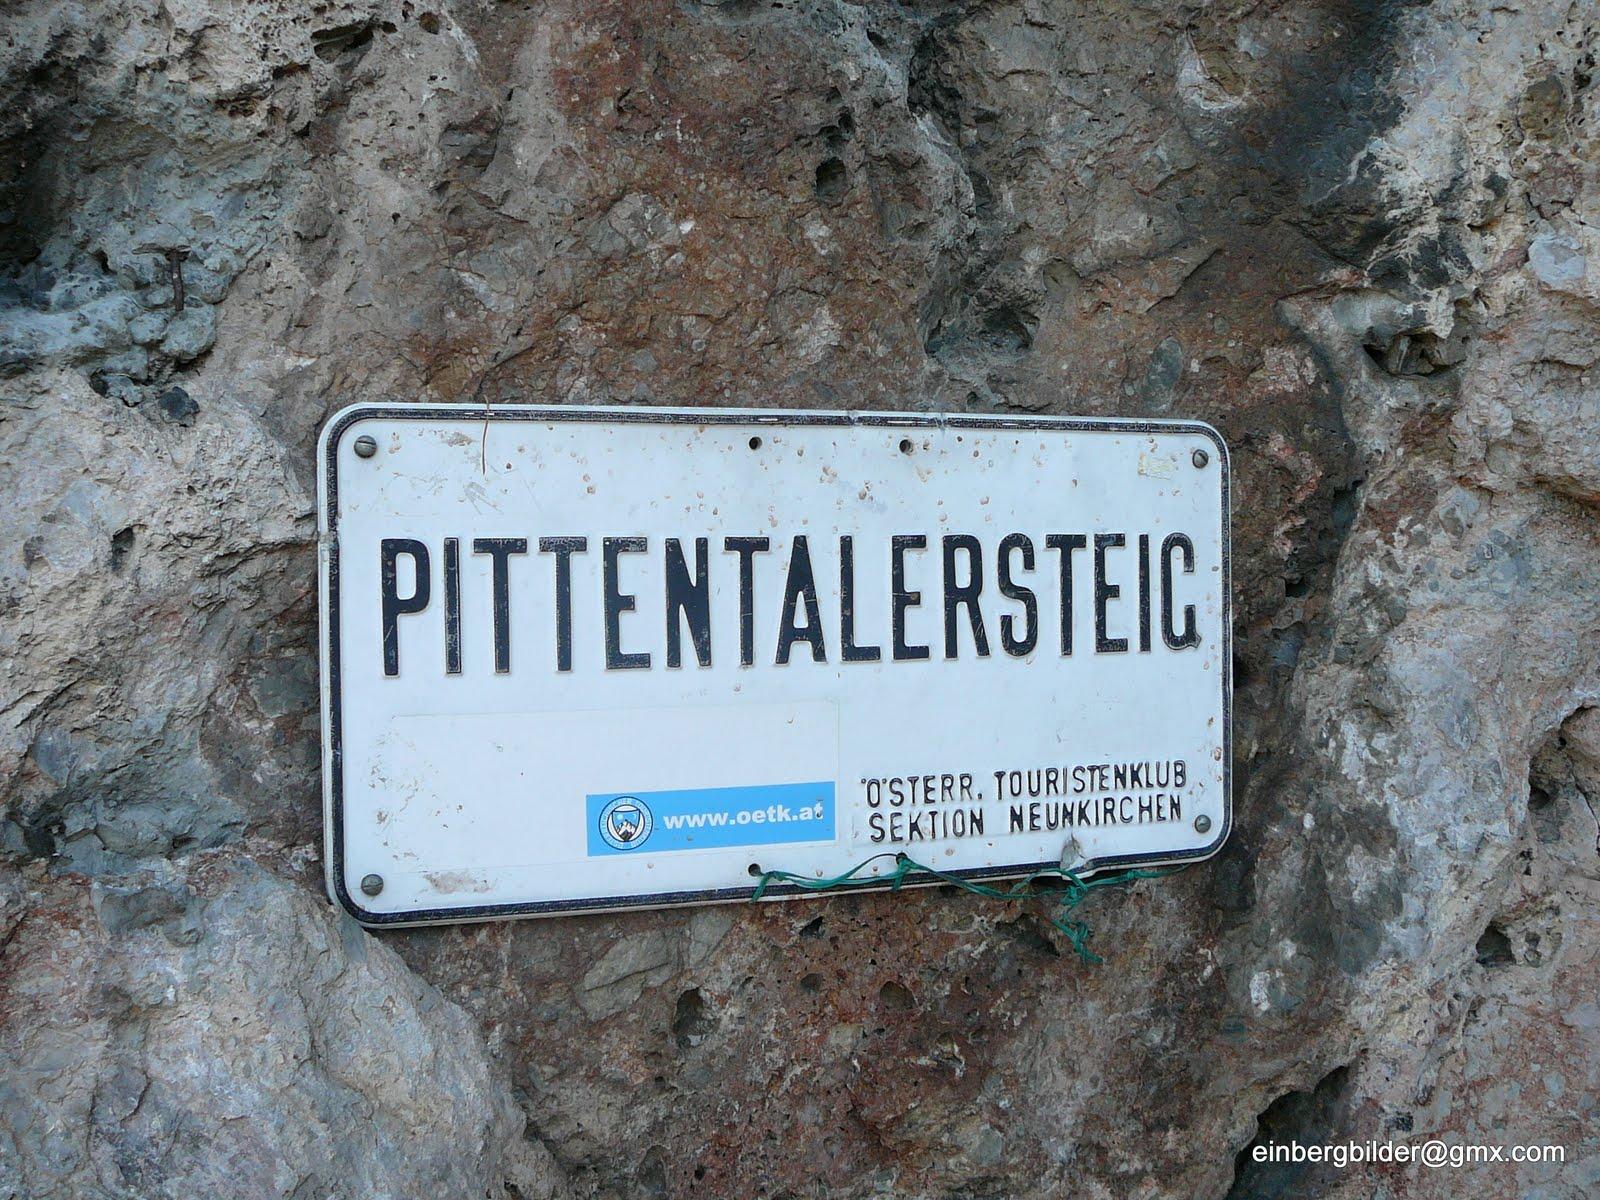 Pittentaler Klettersteig : Nejlepší ferraty pittentaler klettersteig turecký hrad